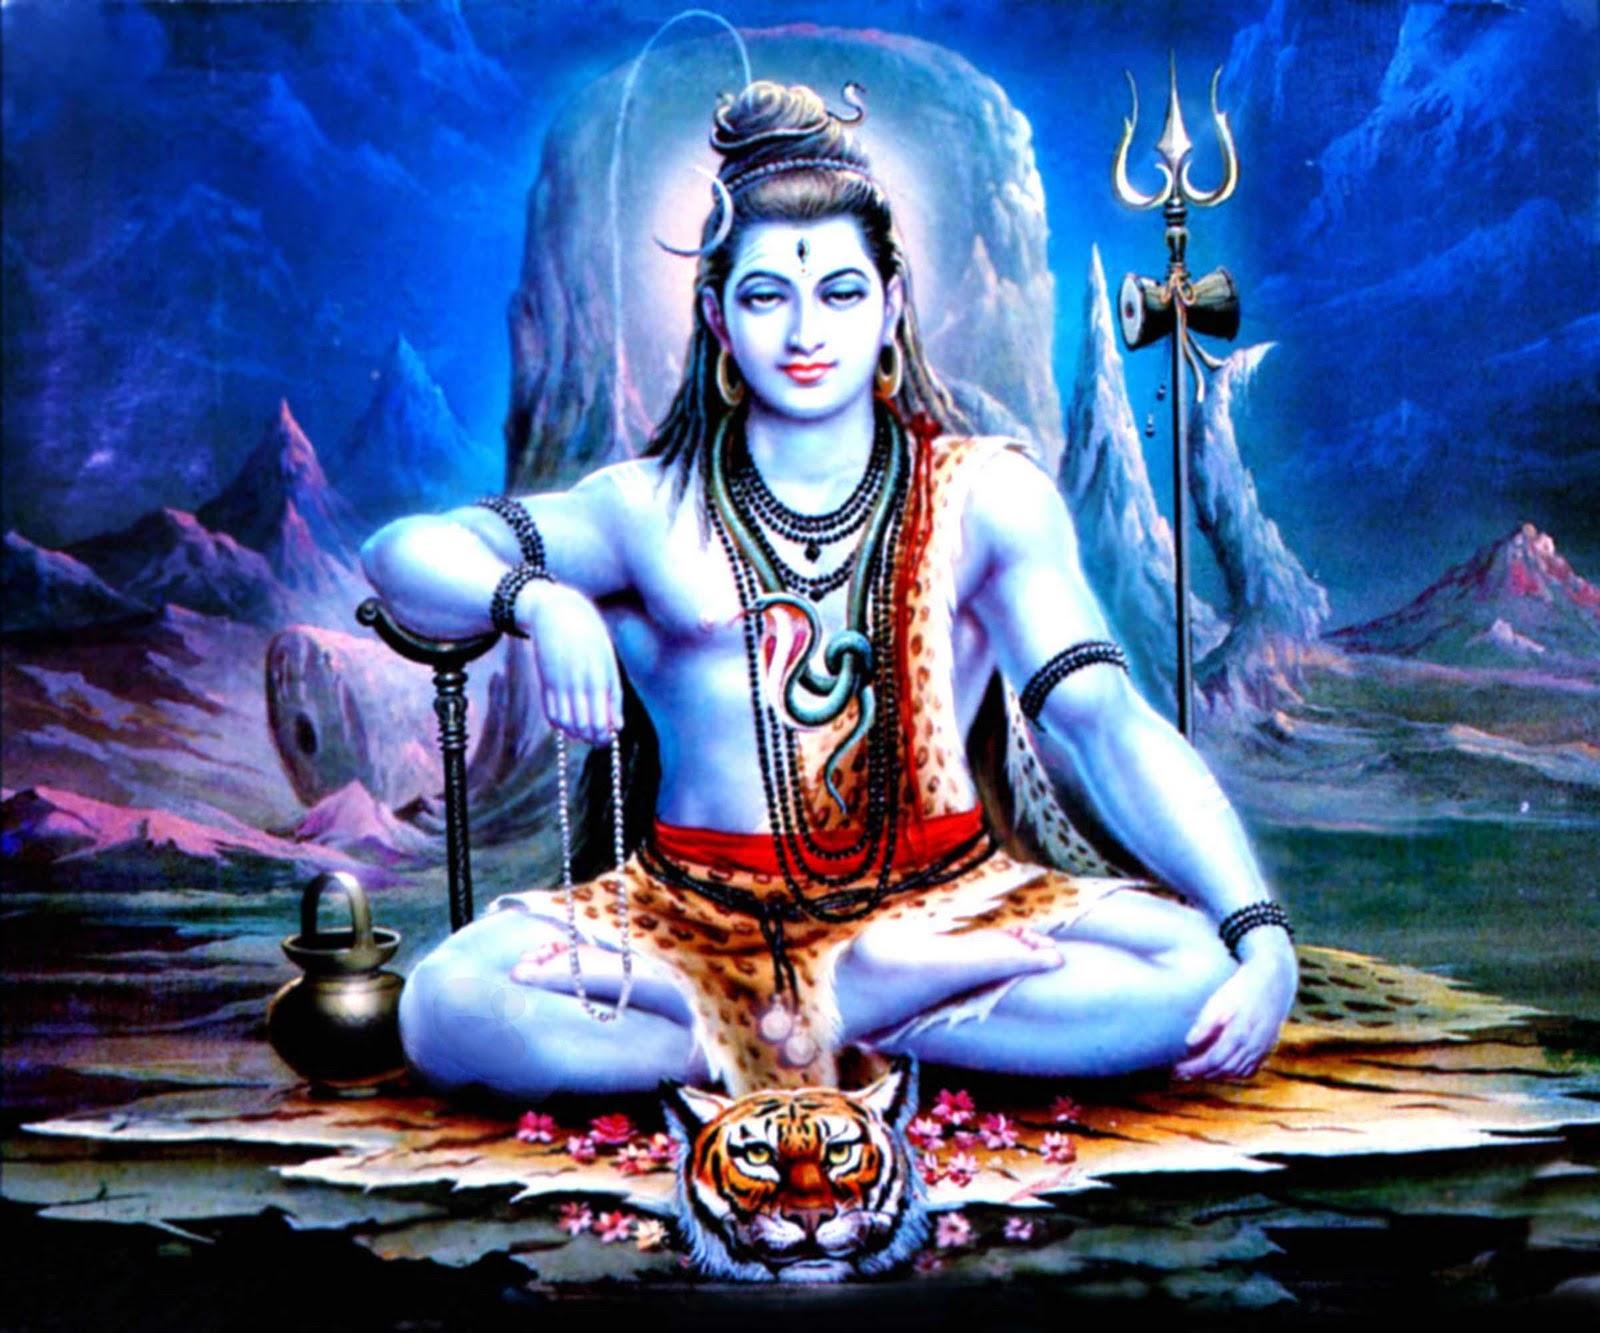 http://4.bp.blogspot.com/-0uCrJPMv8Xc/TwiRVTjr0AI/AAAAAAAALfA/IqjIYX4PzPs/s1600/Lord+Shiva-Wallpapers-hara+%25287%2529.jpg